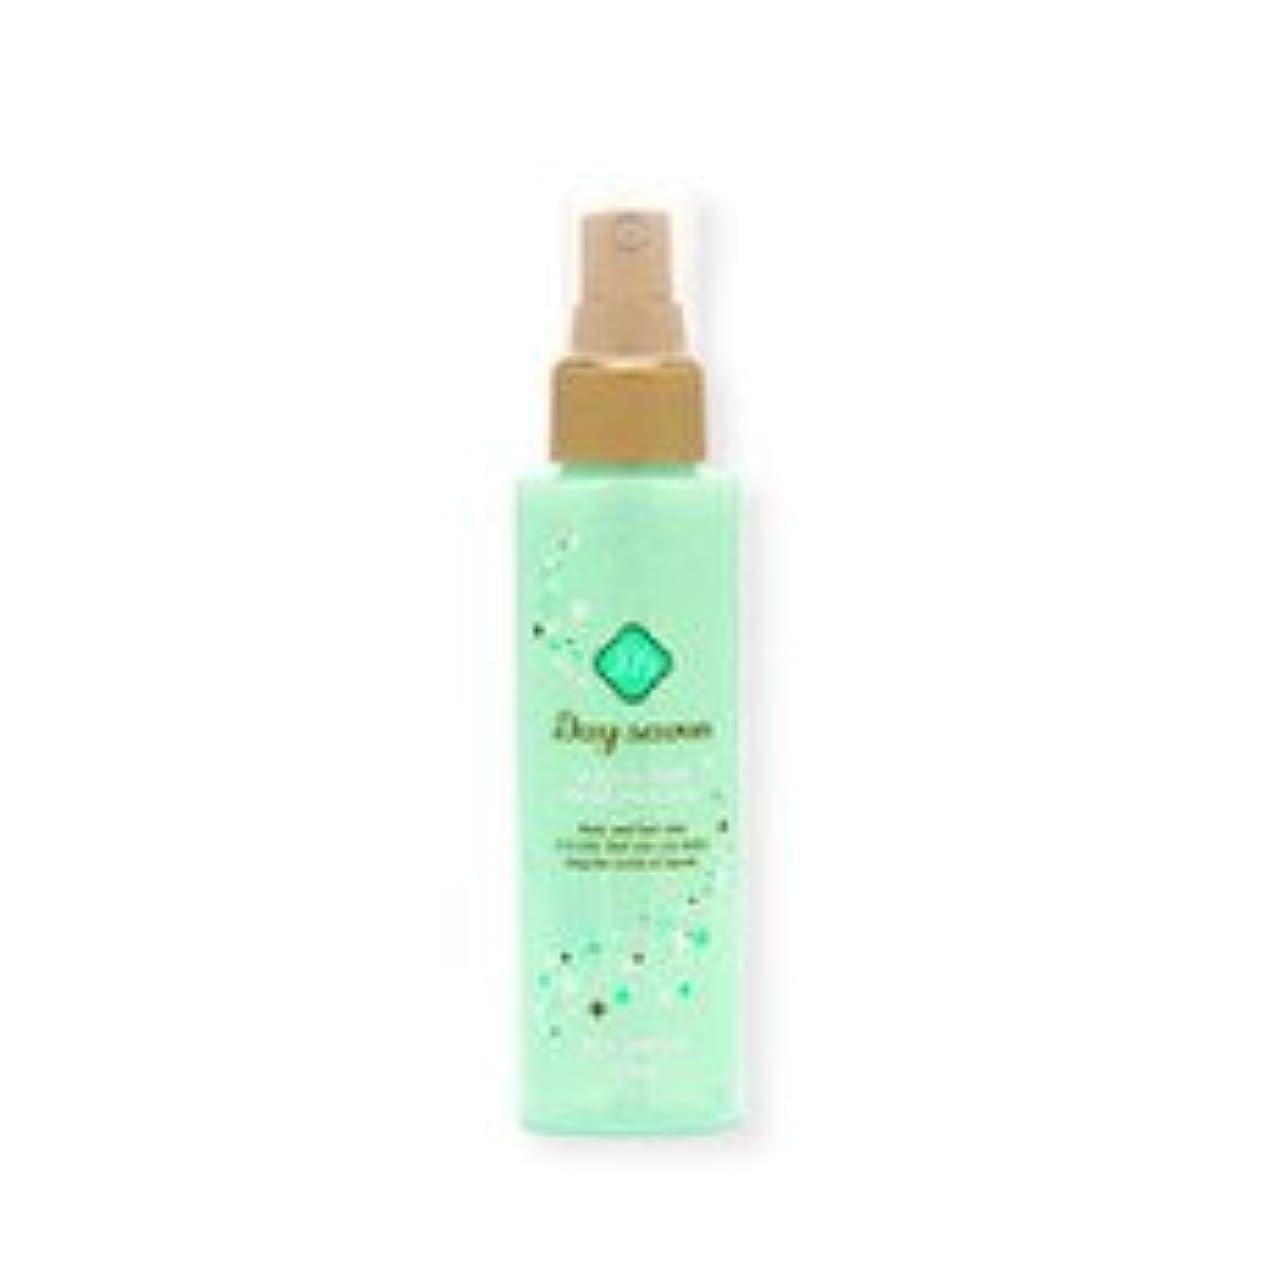 反逆できれば美容師富士薬品 デイサボン ボディ&ヘアミスト シーサボン(爽やかな石鹸の香り)[化粧水] 120mL